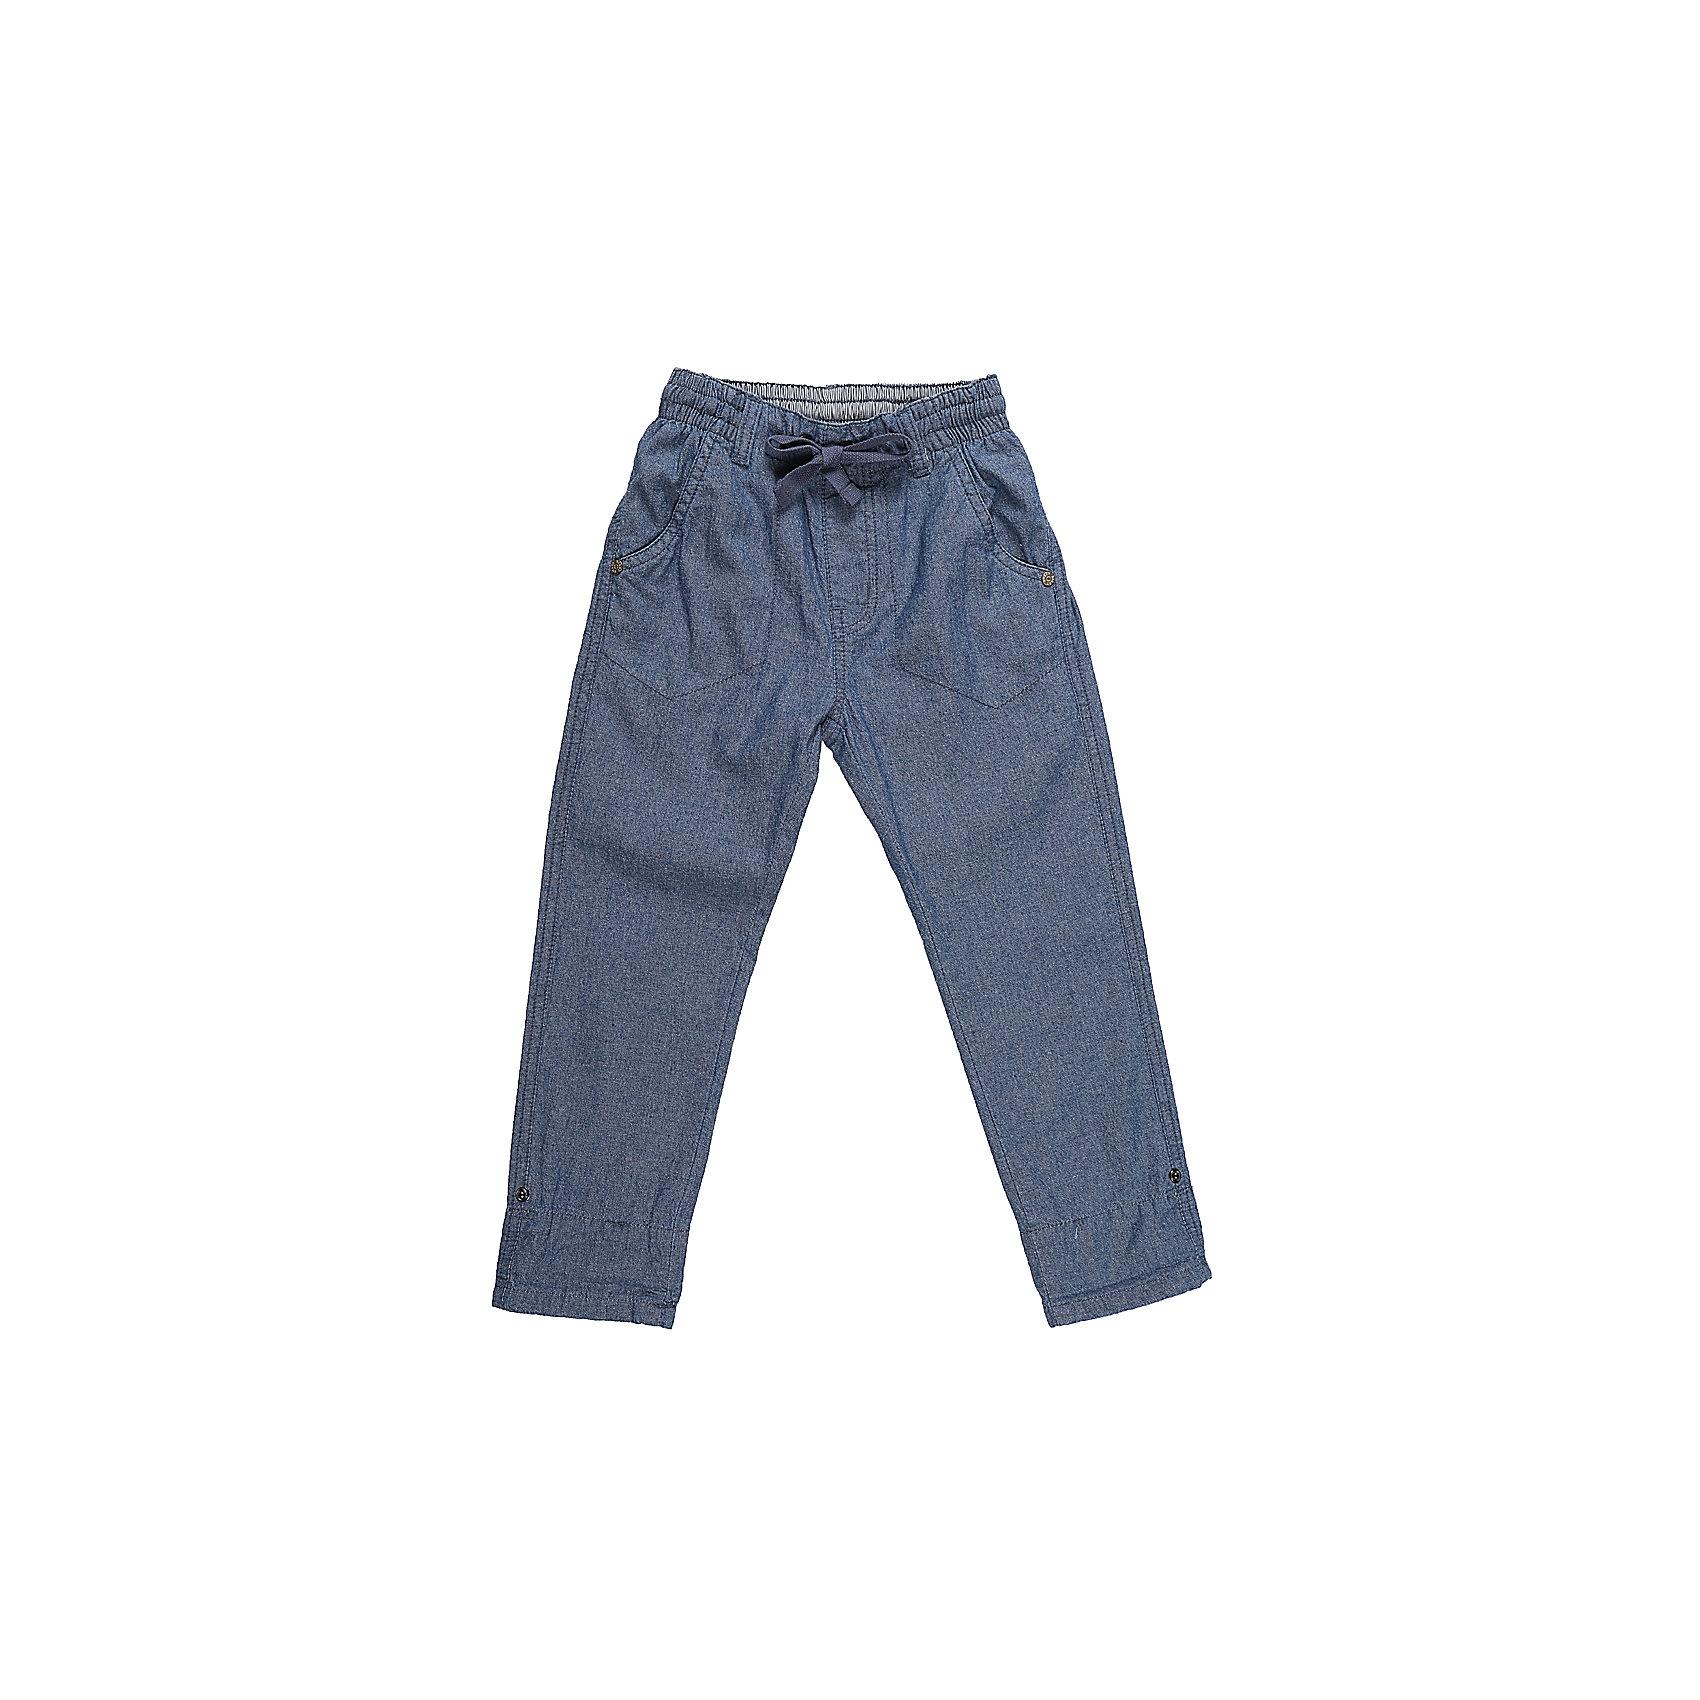 Джинсы для мальчика Sweet BerryДжинсы<br>Хлопковые брюки для мальчика из облегченной джинсовой ткани прямого кроя.  Застегиваются на молнию и пуговицу. Шлевки на поясе рассчитаны под ремень. В боковой части пояса находятся вшитые эластичные ленты, регулирующие посадку по талии.<br>Состав:<br>100%хлопок<br><br>Ширина мм: 215<br>Глубина мм: 88<br>Высота мм: 191<br>Вес г: 336<br>Цвет: синий<br>Возраст от месяцев: 84<br>Возраст до месяцев: 96<br>Пол: Мужской<br>Возраст: Детский<br>Размер: 128,104,98,110,116,122<br>SKU: 5410407